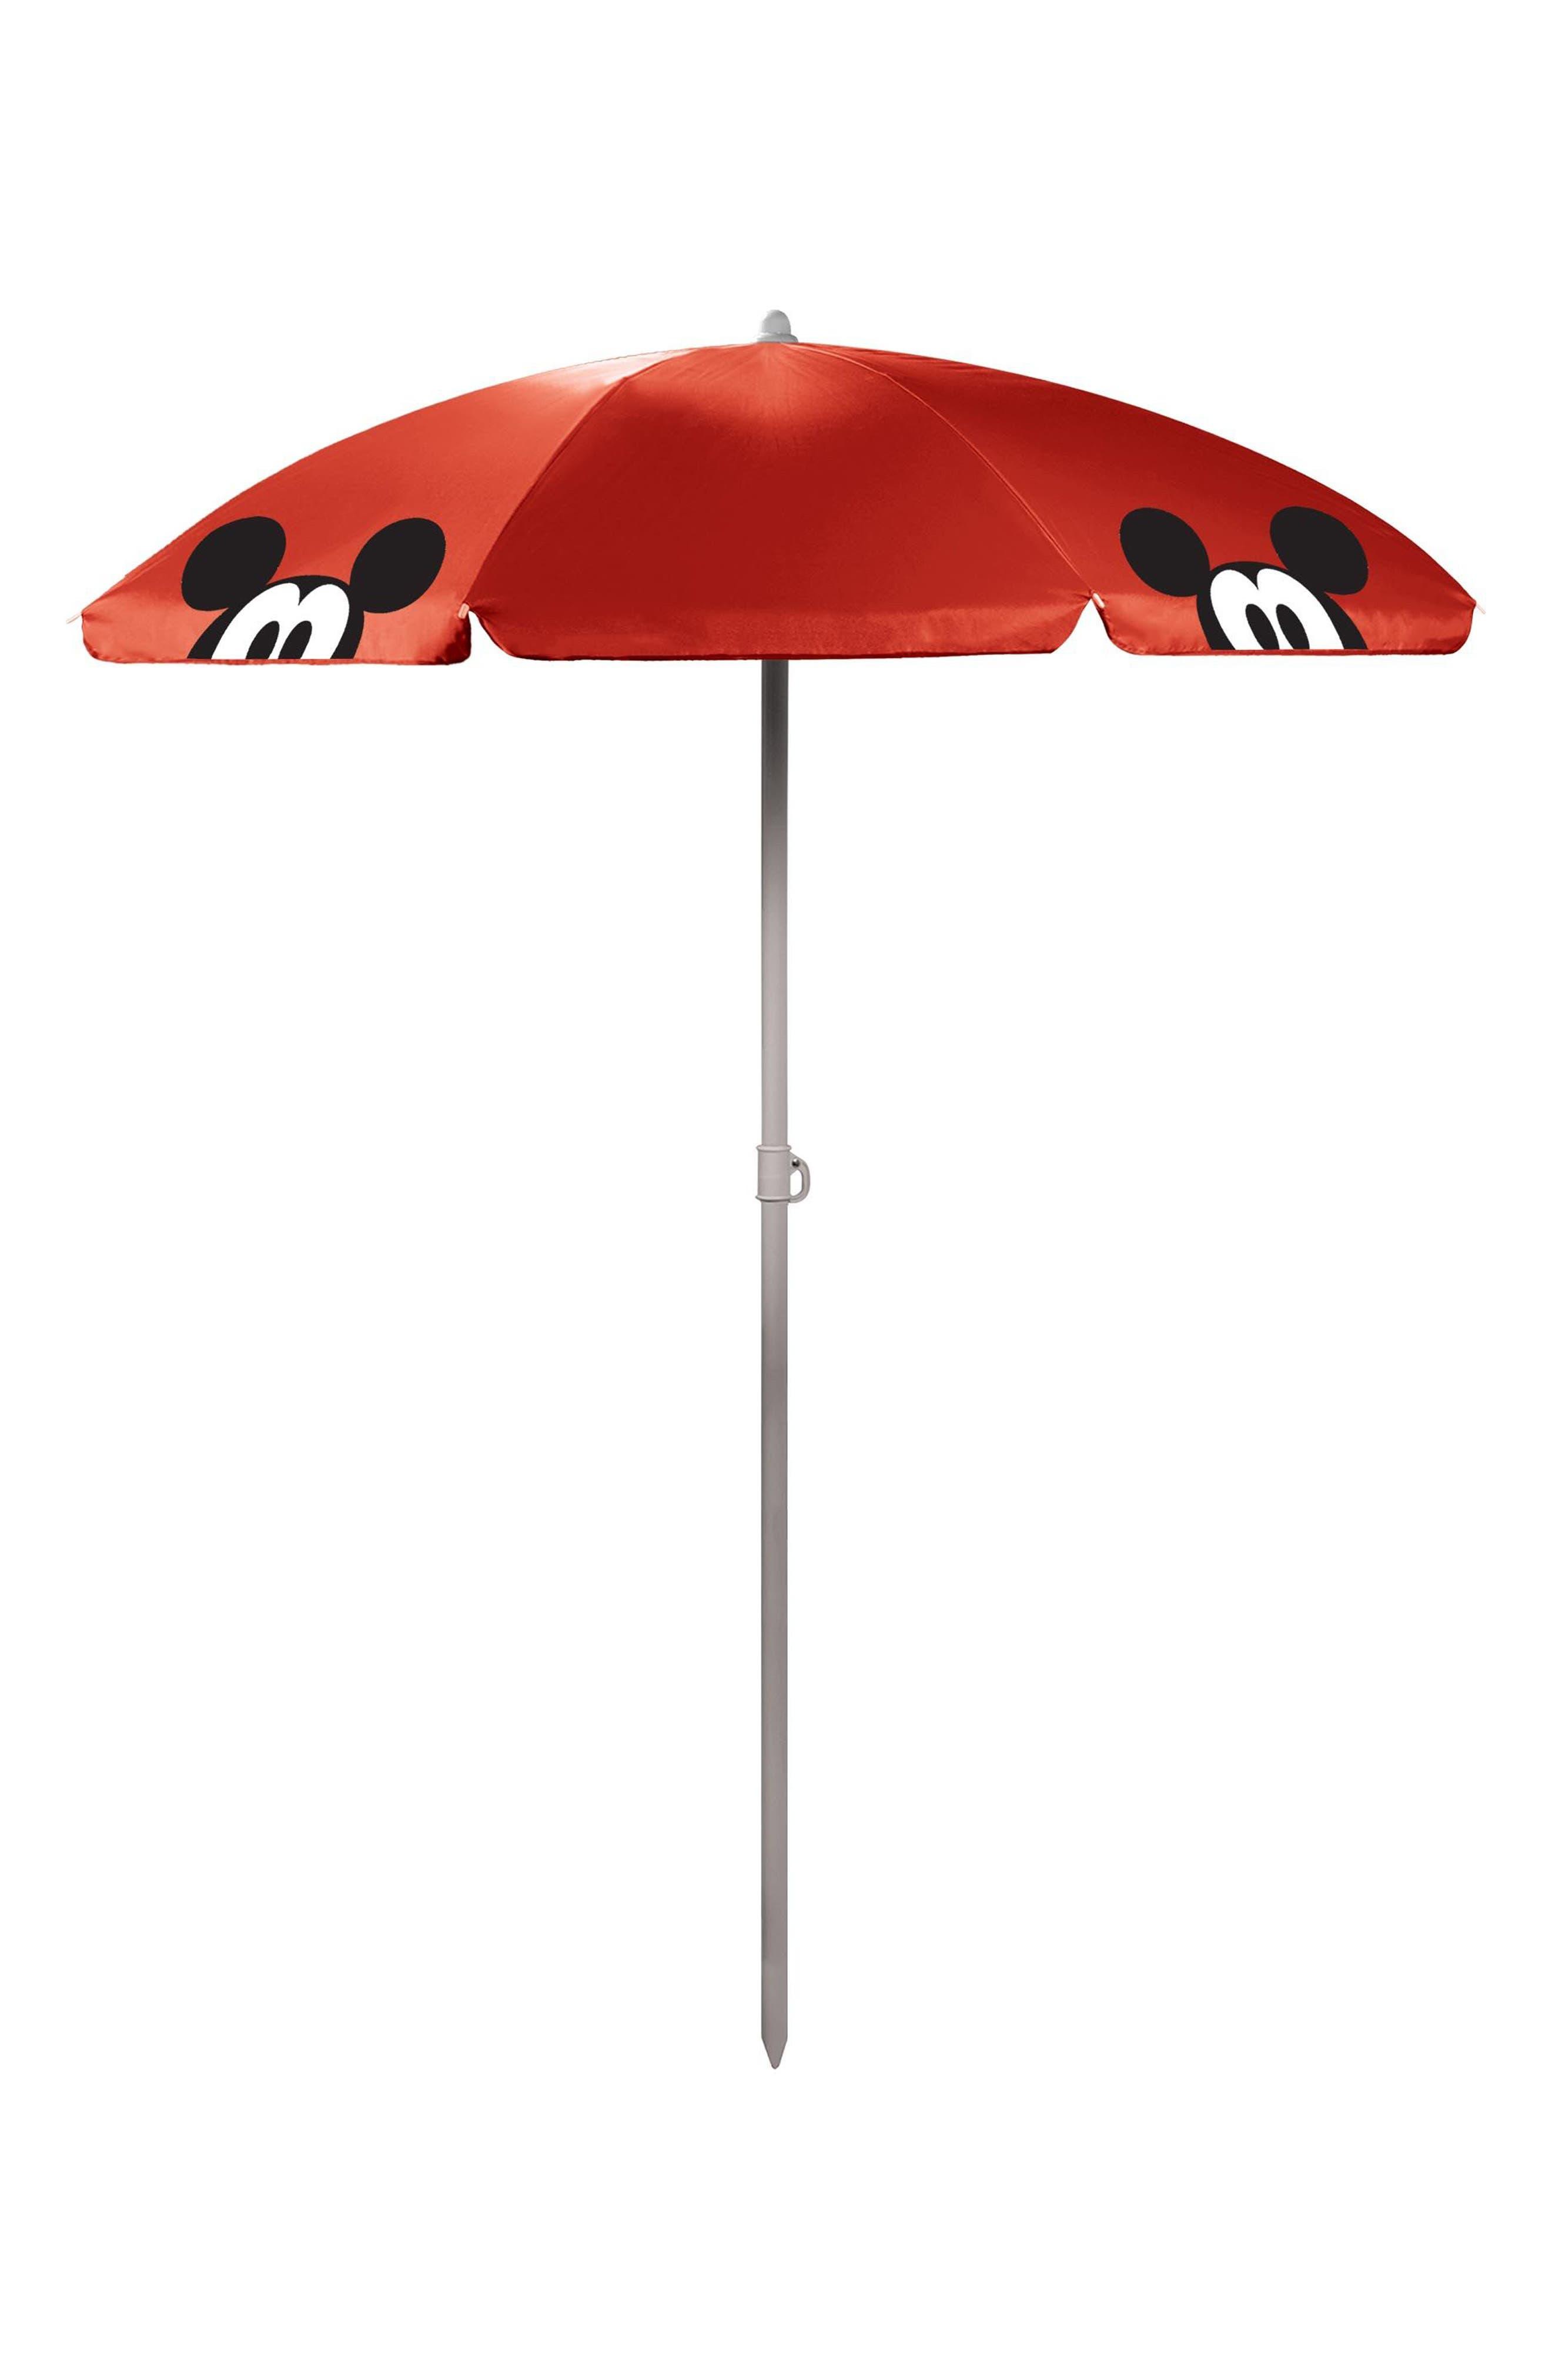 Disney<sup>®</sup> Mickey Mouse Portable Beach & Picnic Umbrella,                         Main,                         color, 600